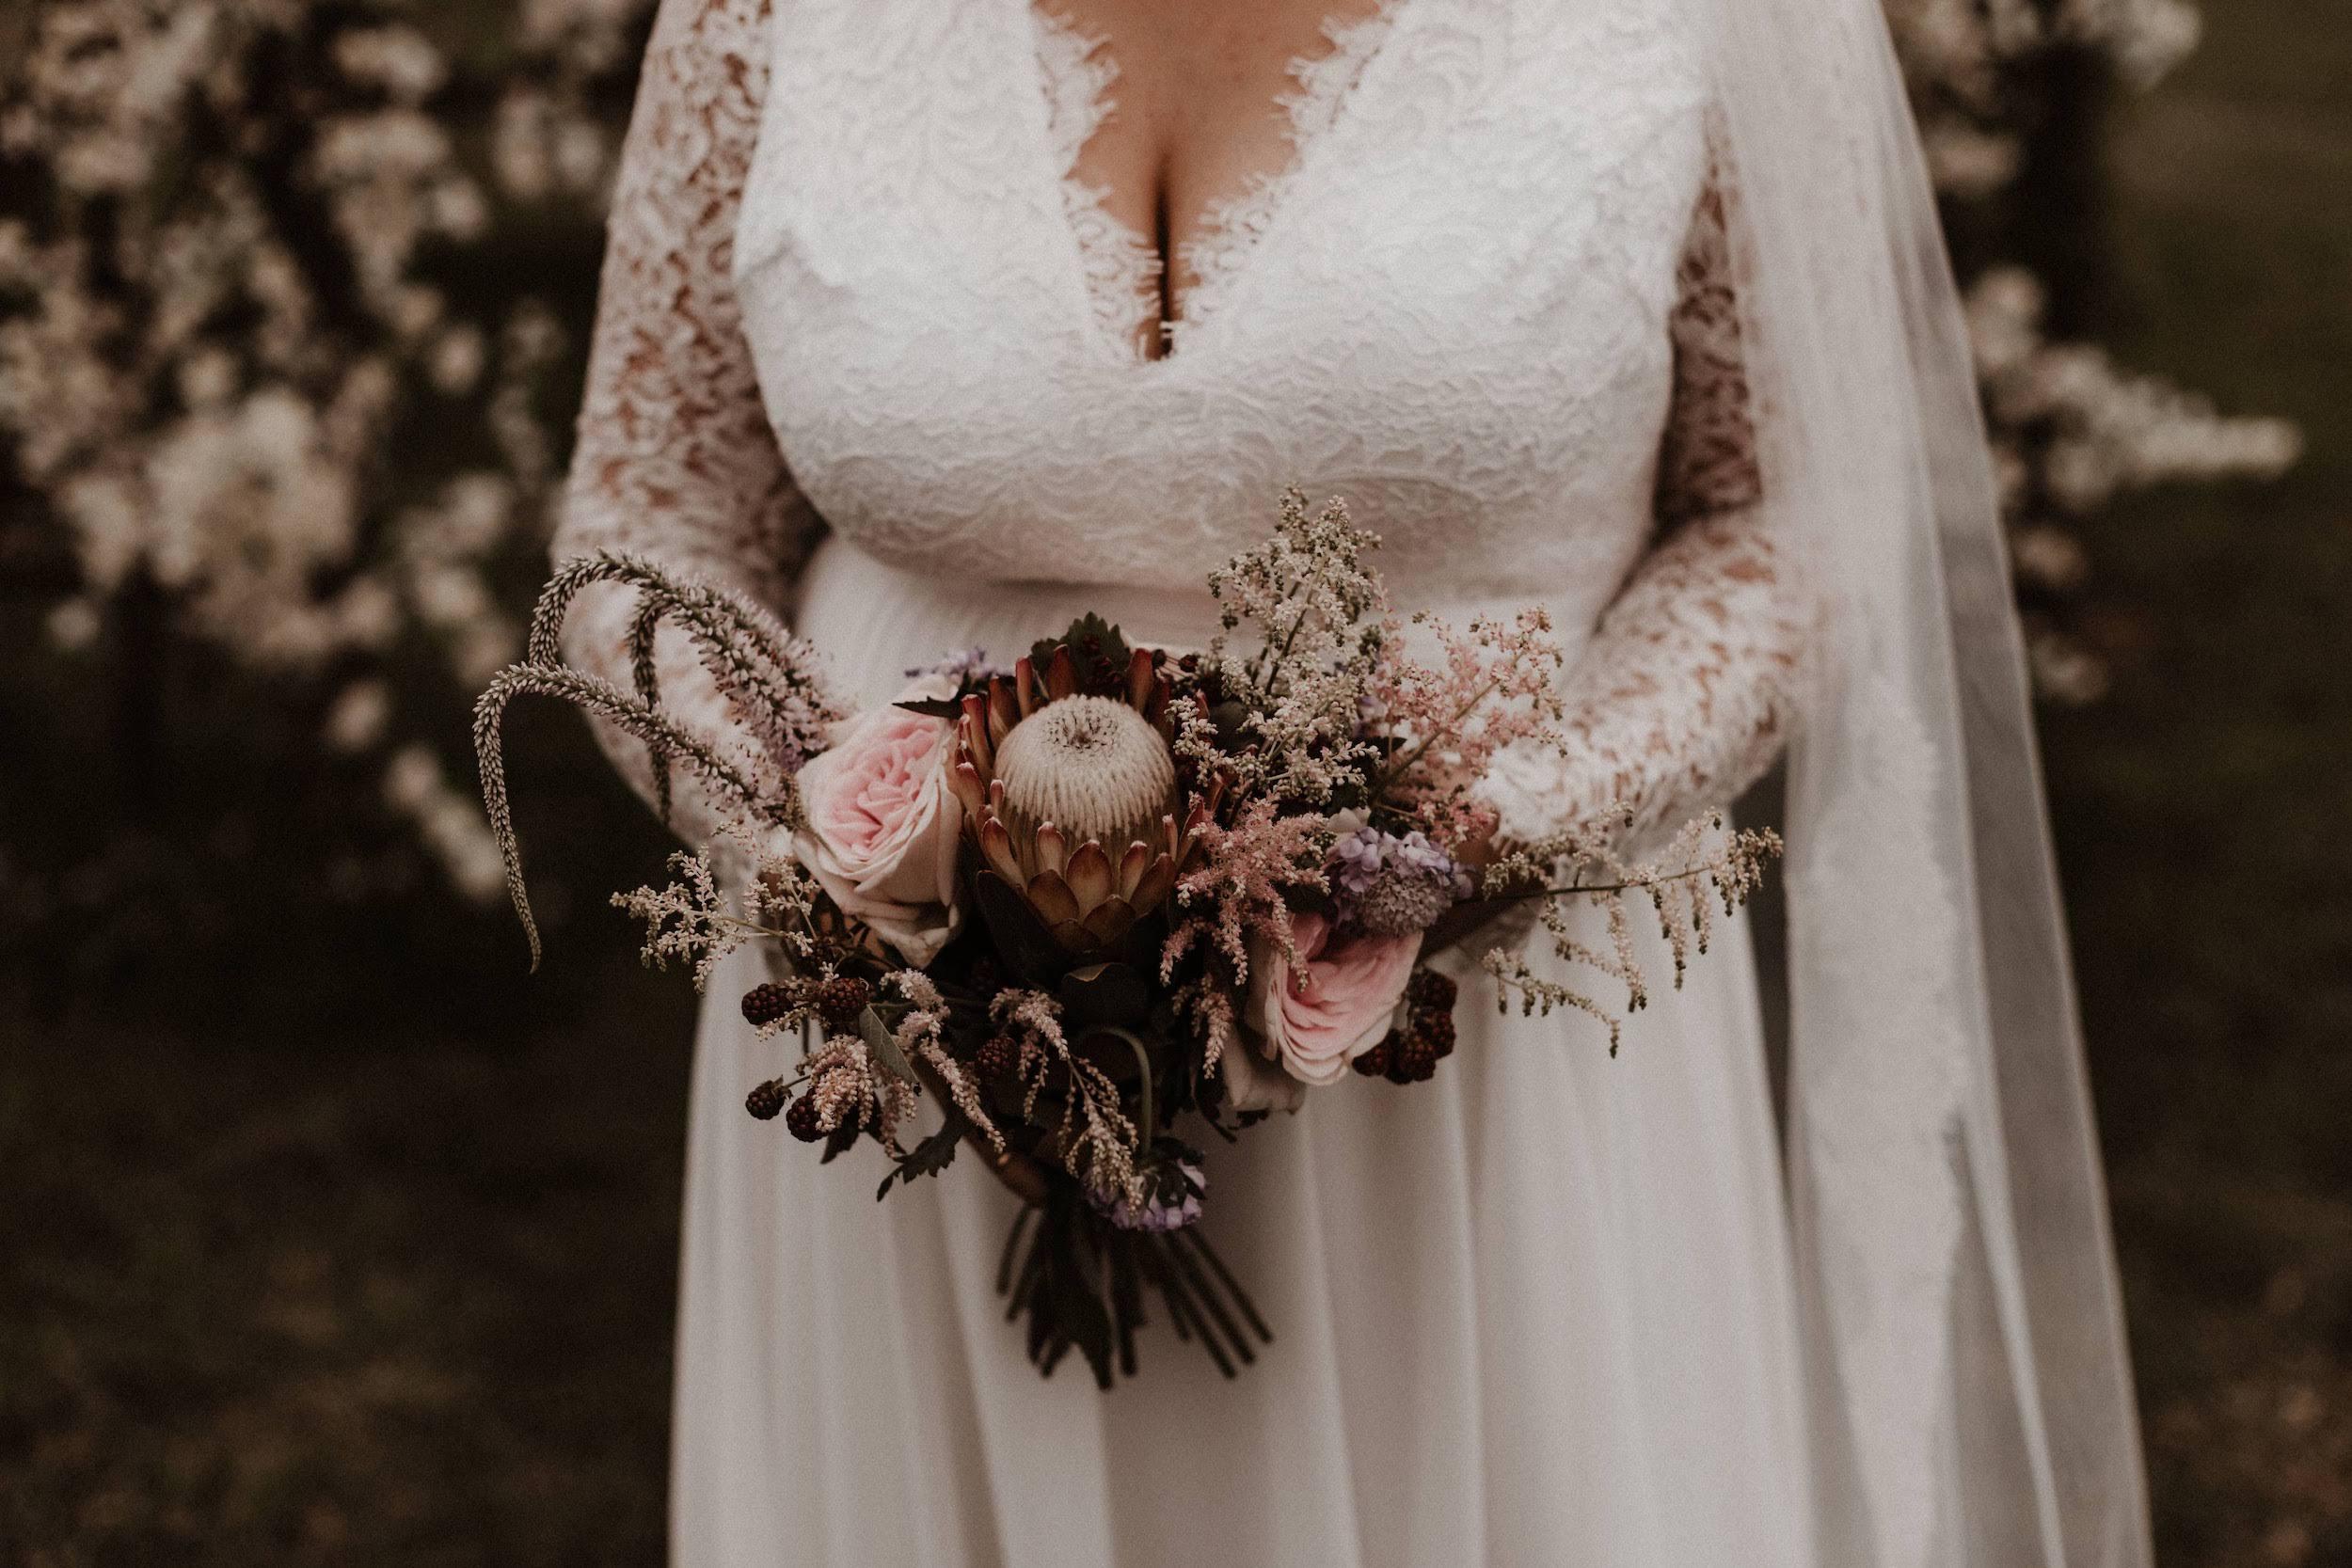 Reflets - Fleuriste mariage - Mariage industriel et romantique au Domaine des Bonnes Joies en Normandie